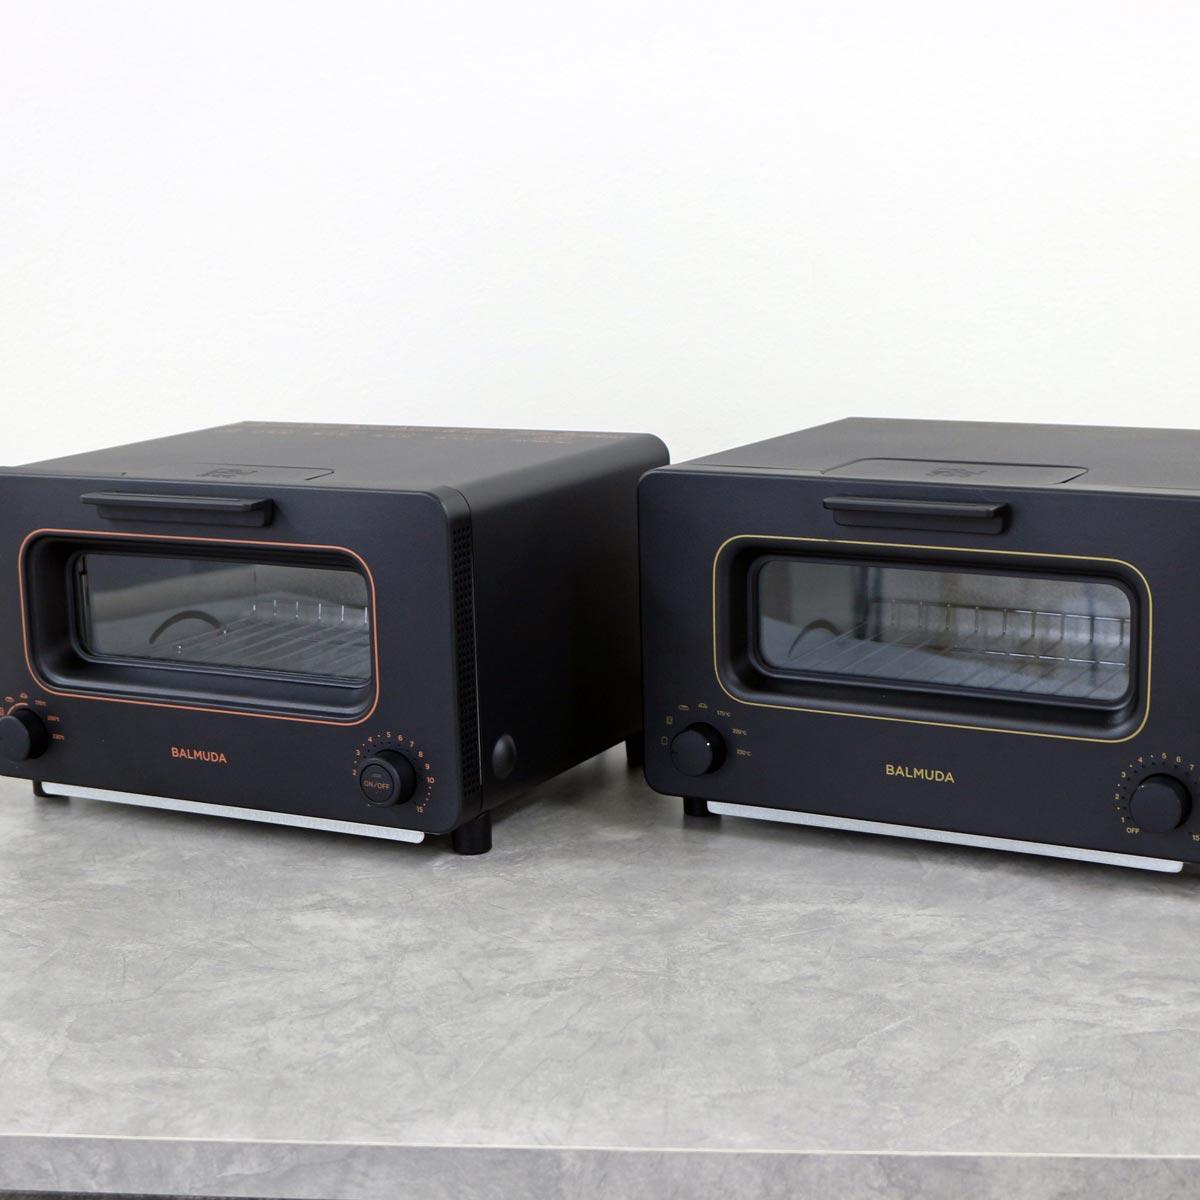 初代からのこだわりは継承!「BALMUDA The Toaster」の新モデルはどこが変わった?